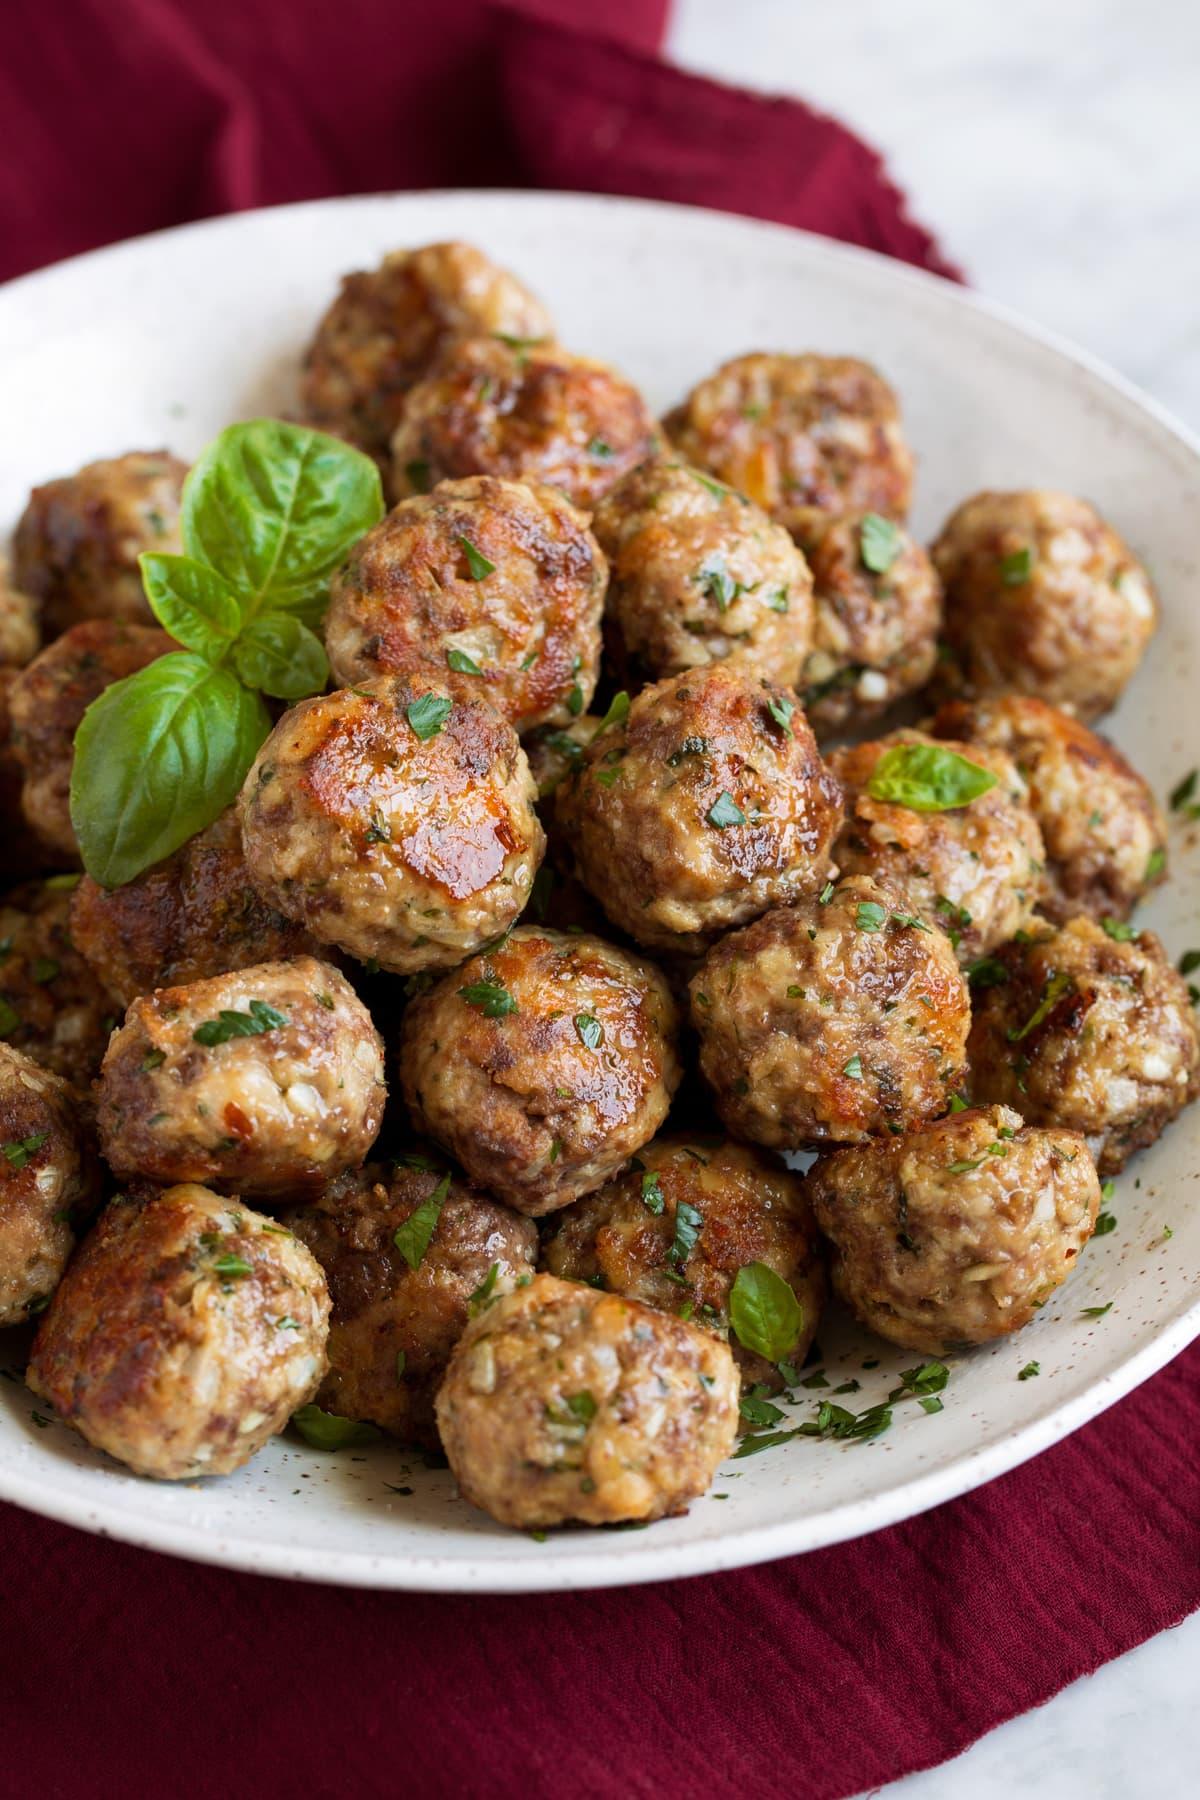 Bowl full of plain meatballs.